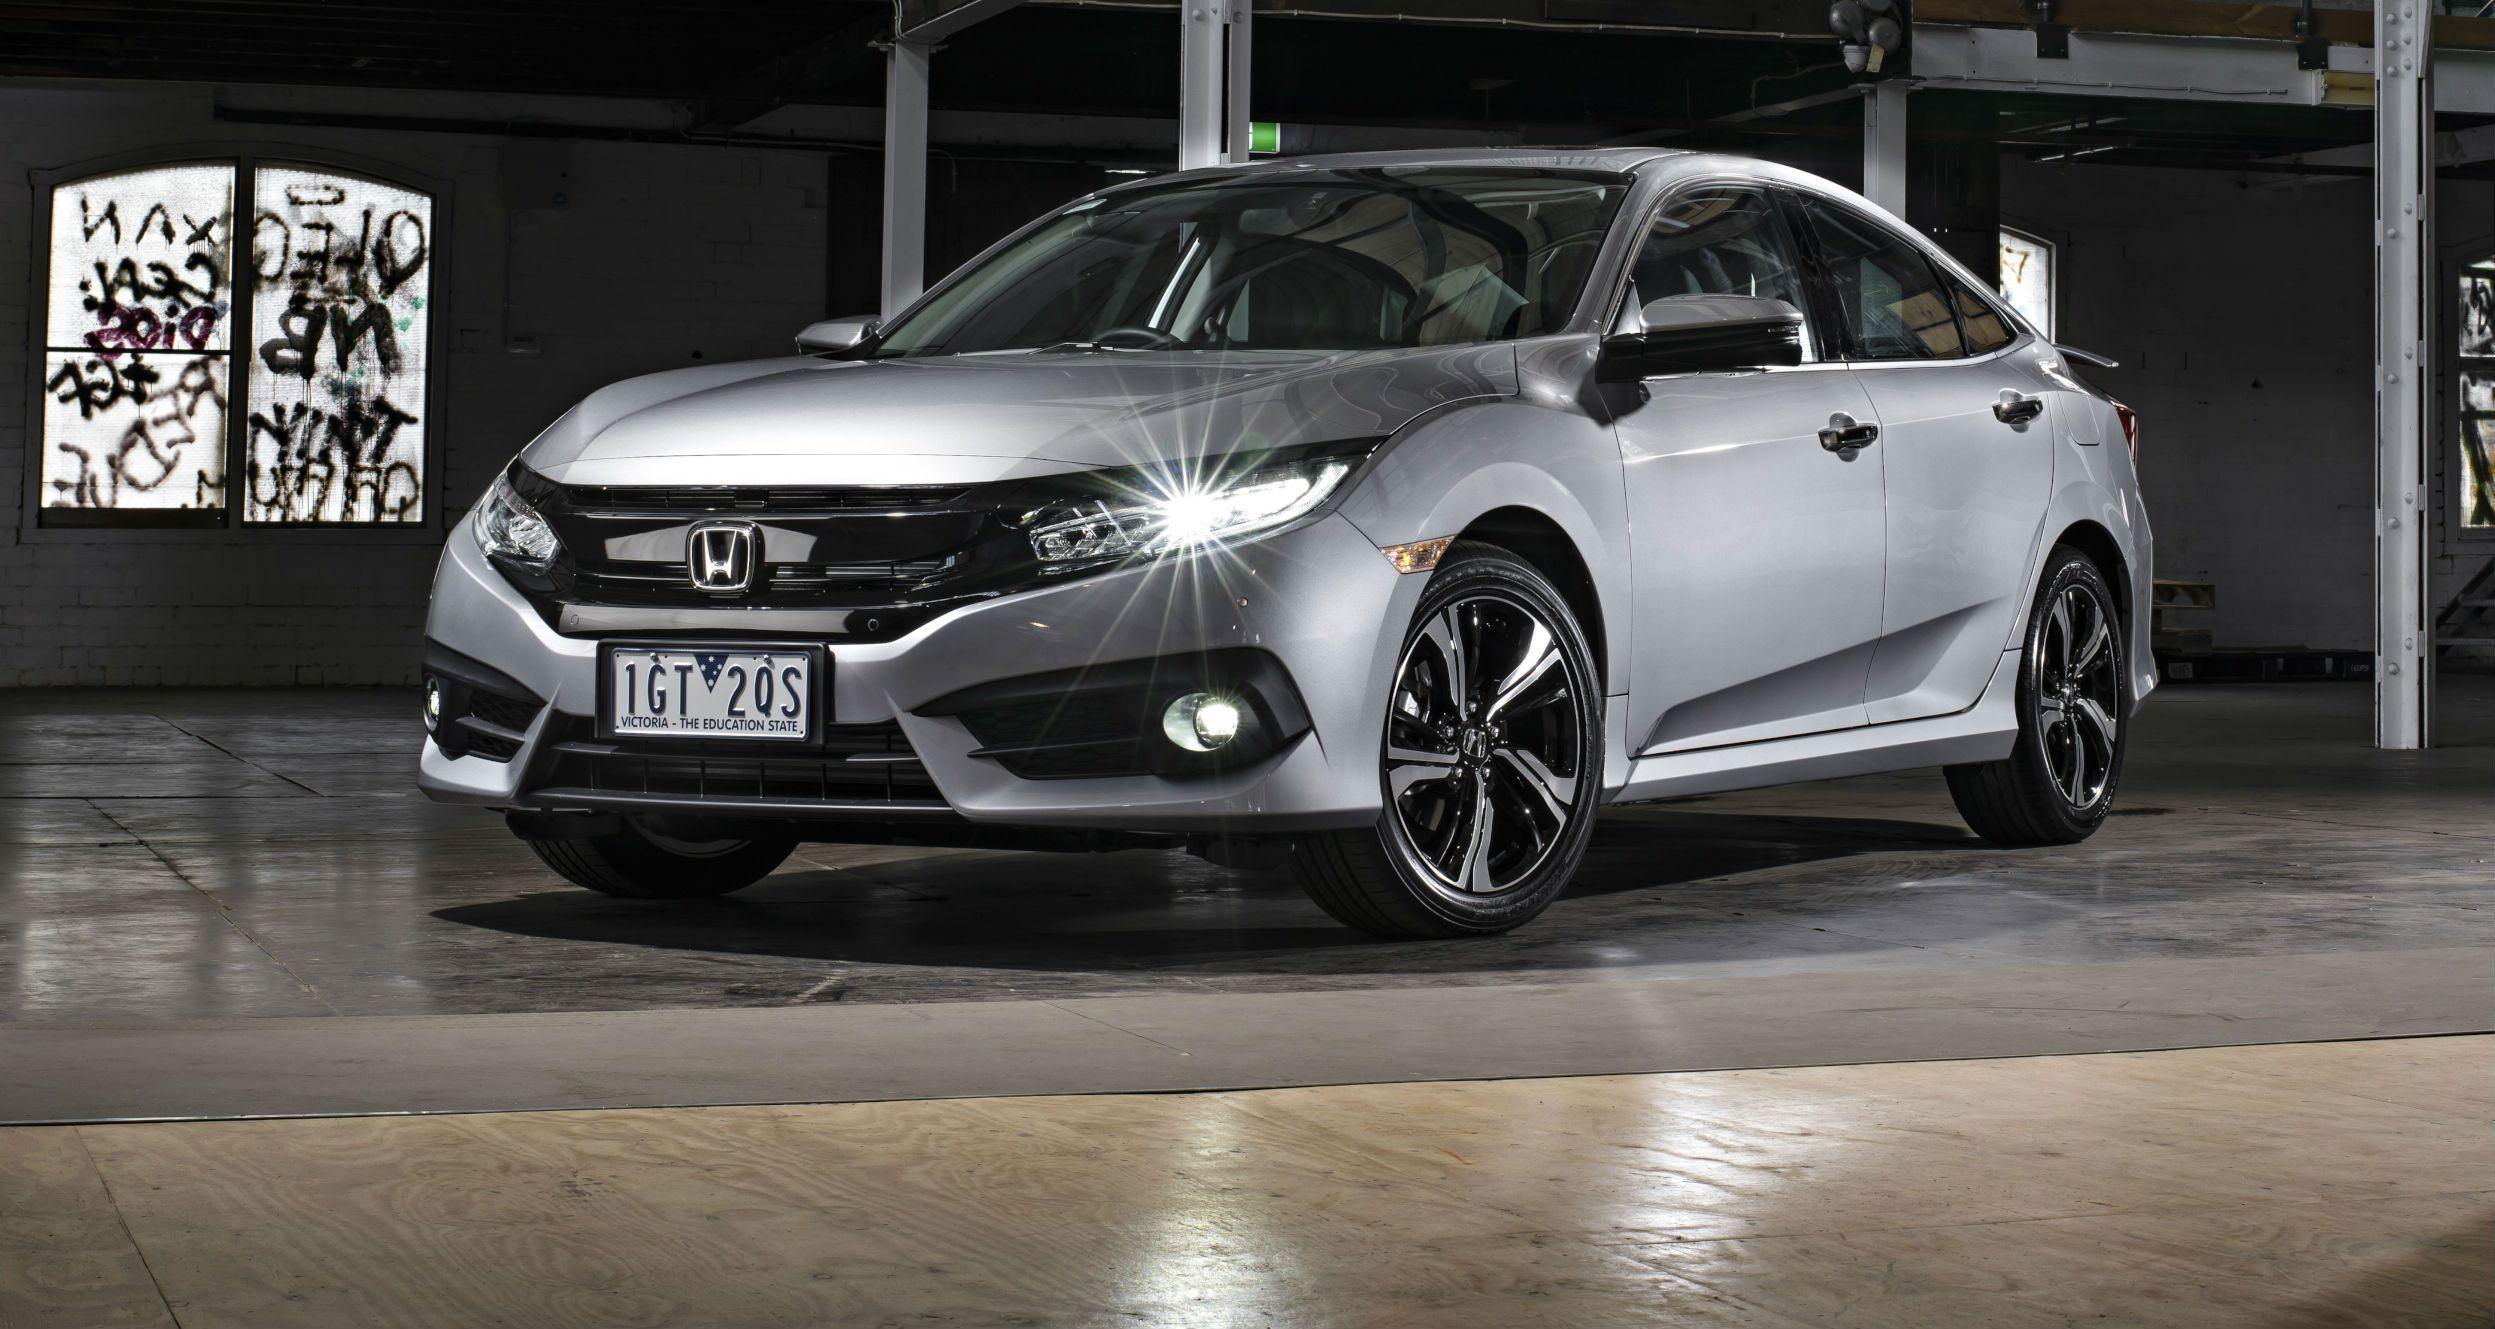 2016 honda civic rs Google Search Honda civic sedan